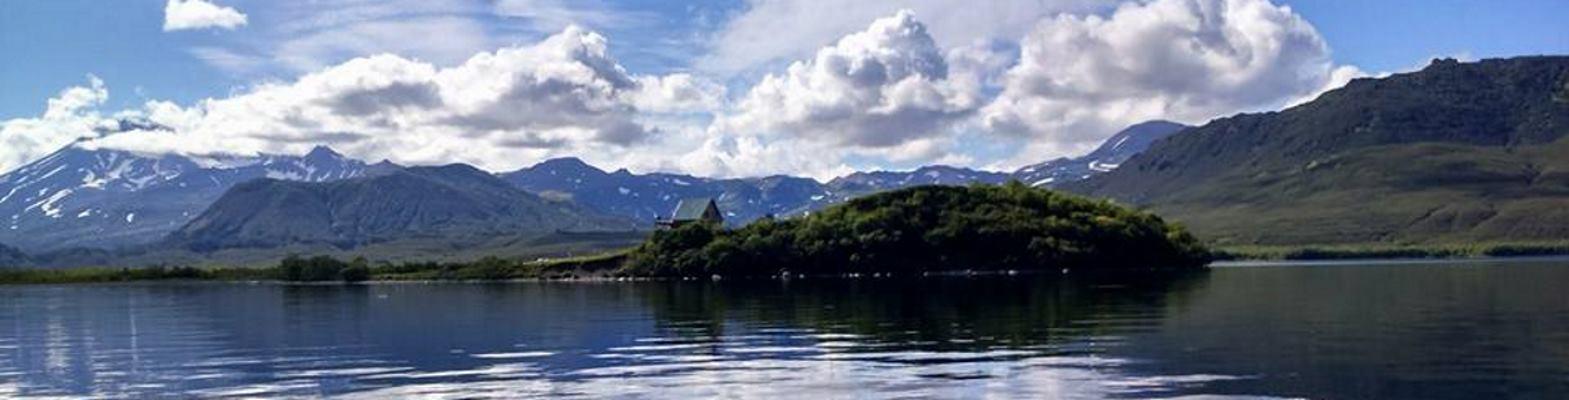 VIDEO: Nacionalni park Kurilsko jezero na Kamčatki